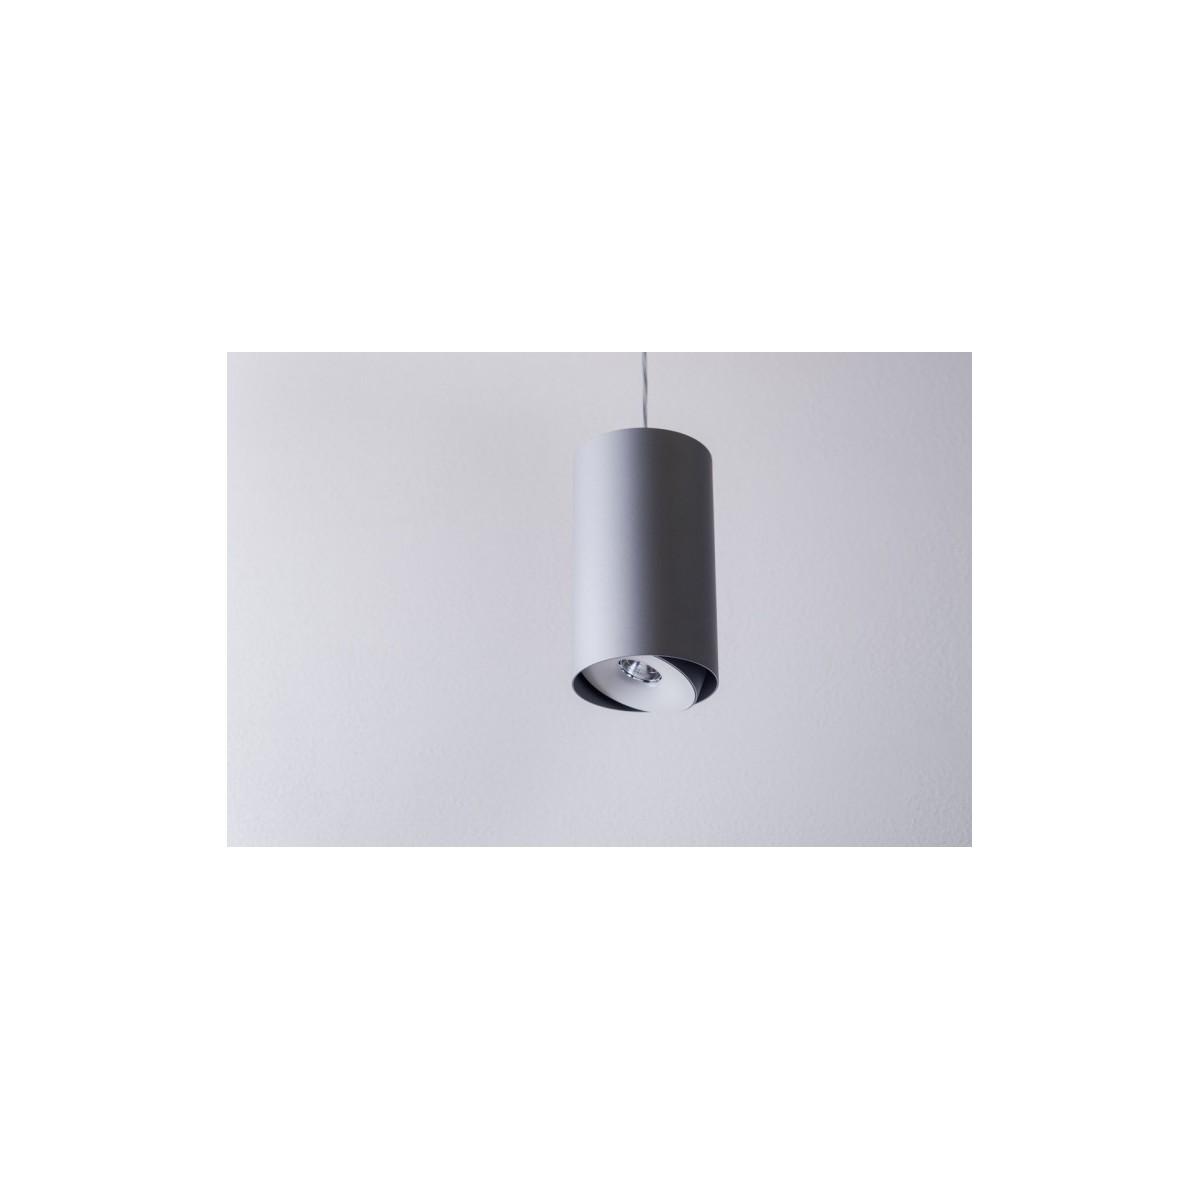 Labra PROXA MOVE ZW H230 edge.LED 7.5W 5-0733 Wisząca